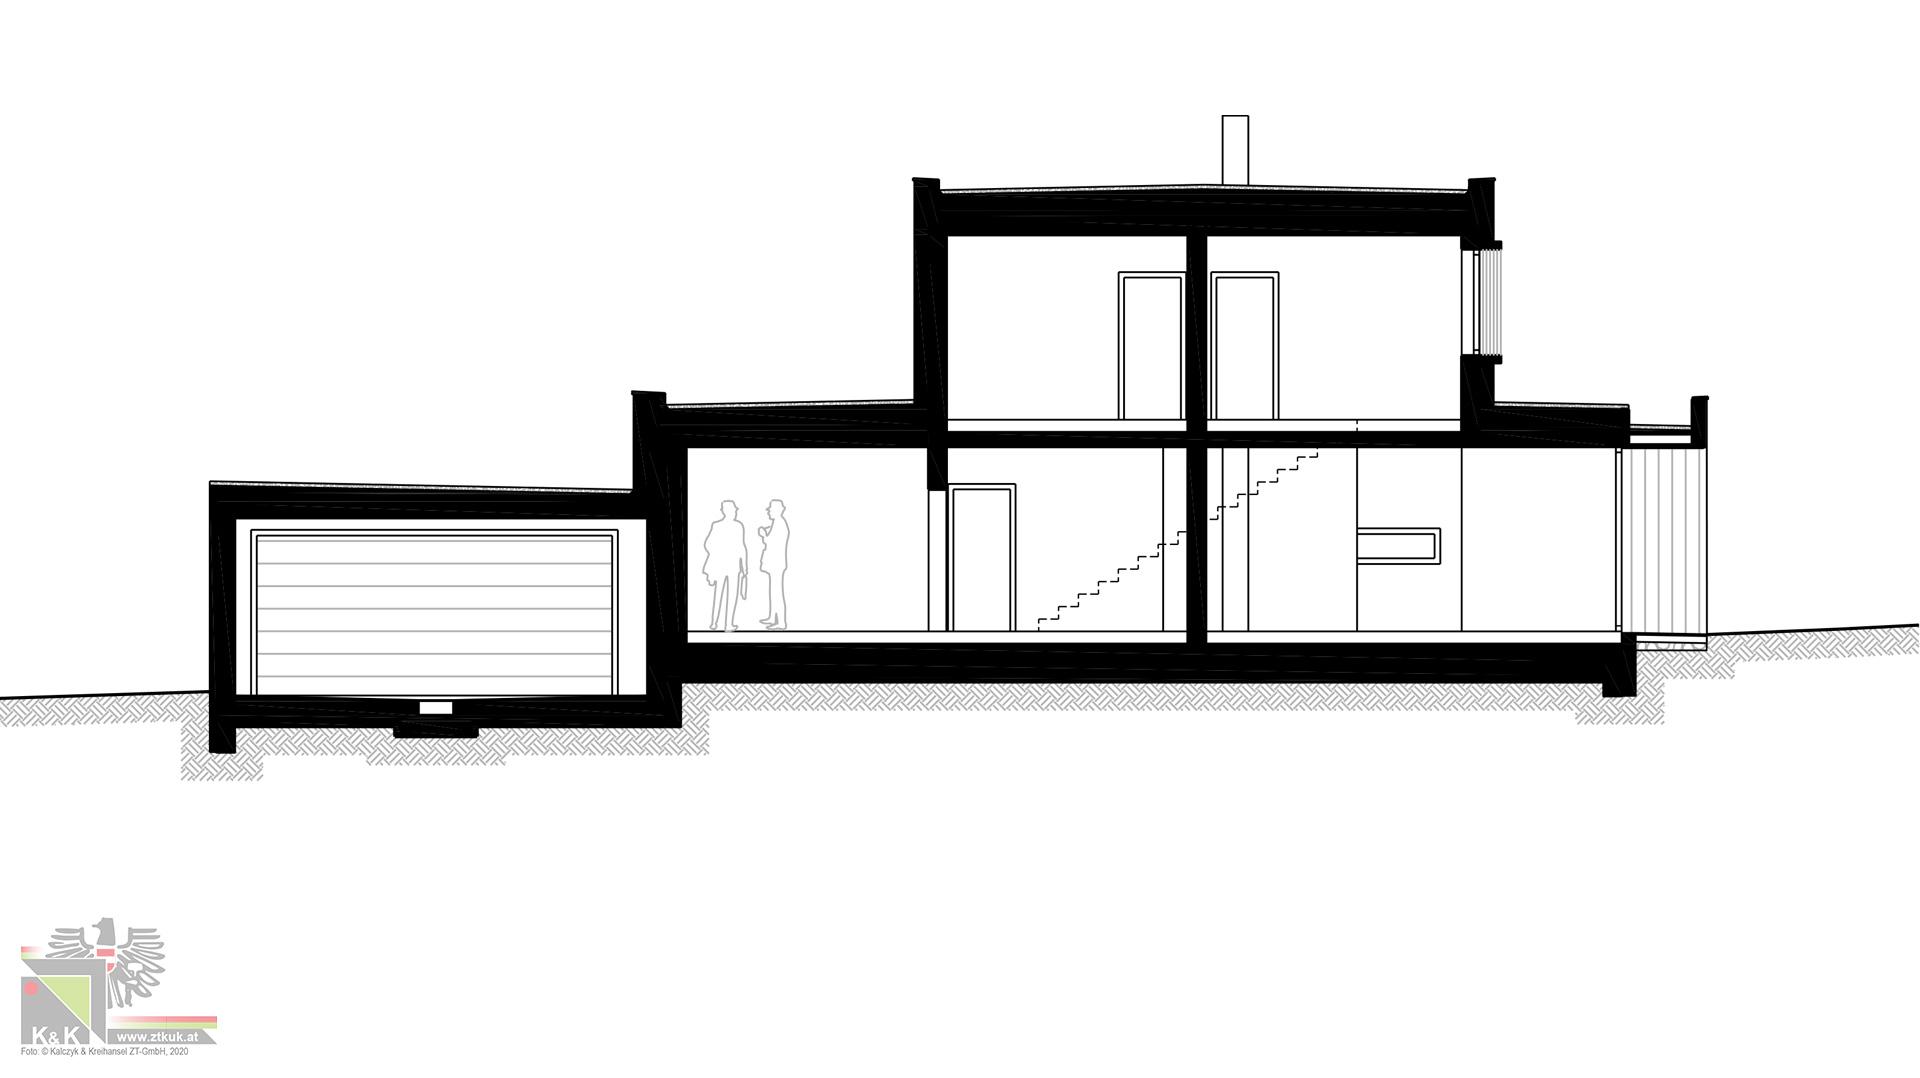 Einfamilienhaus Systemschnitt